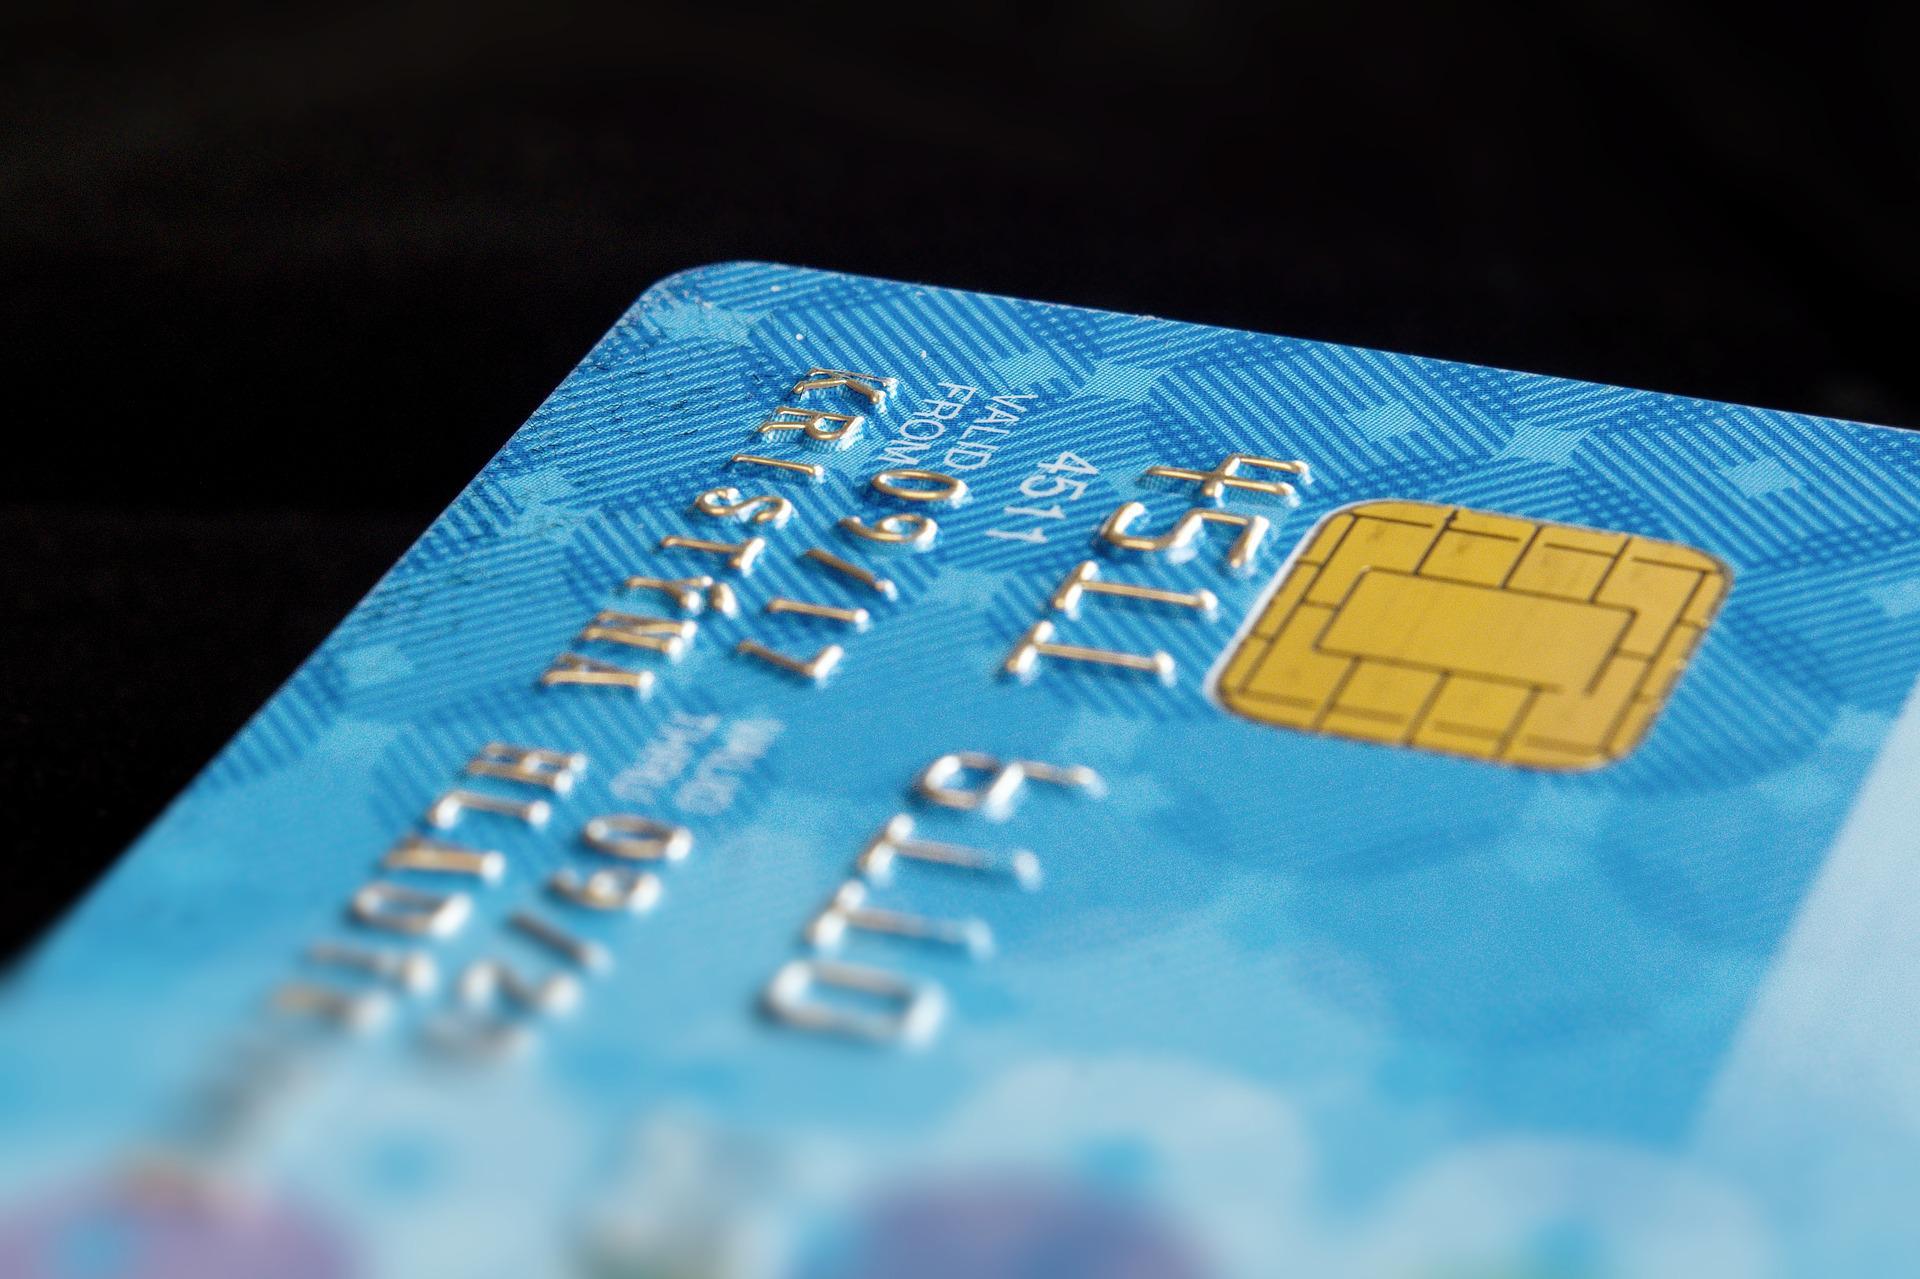 Налоговикам разрешили запрашивать в банках информацию о счетах граждан